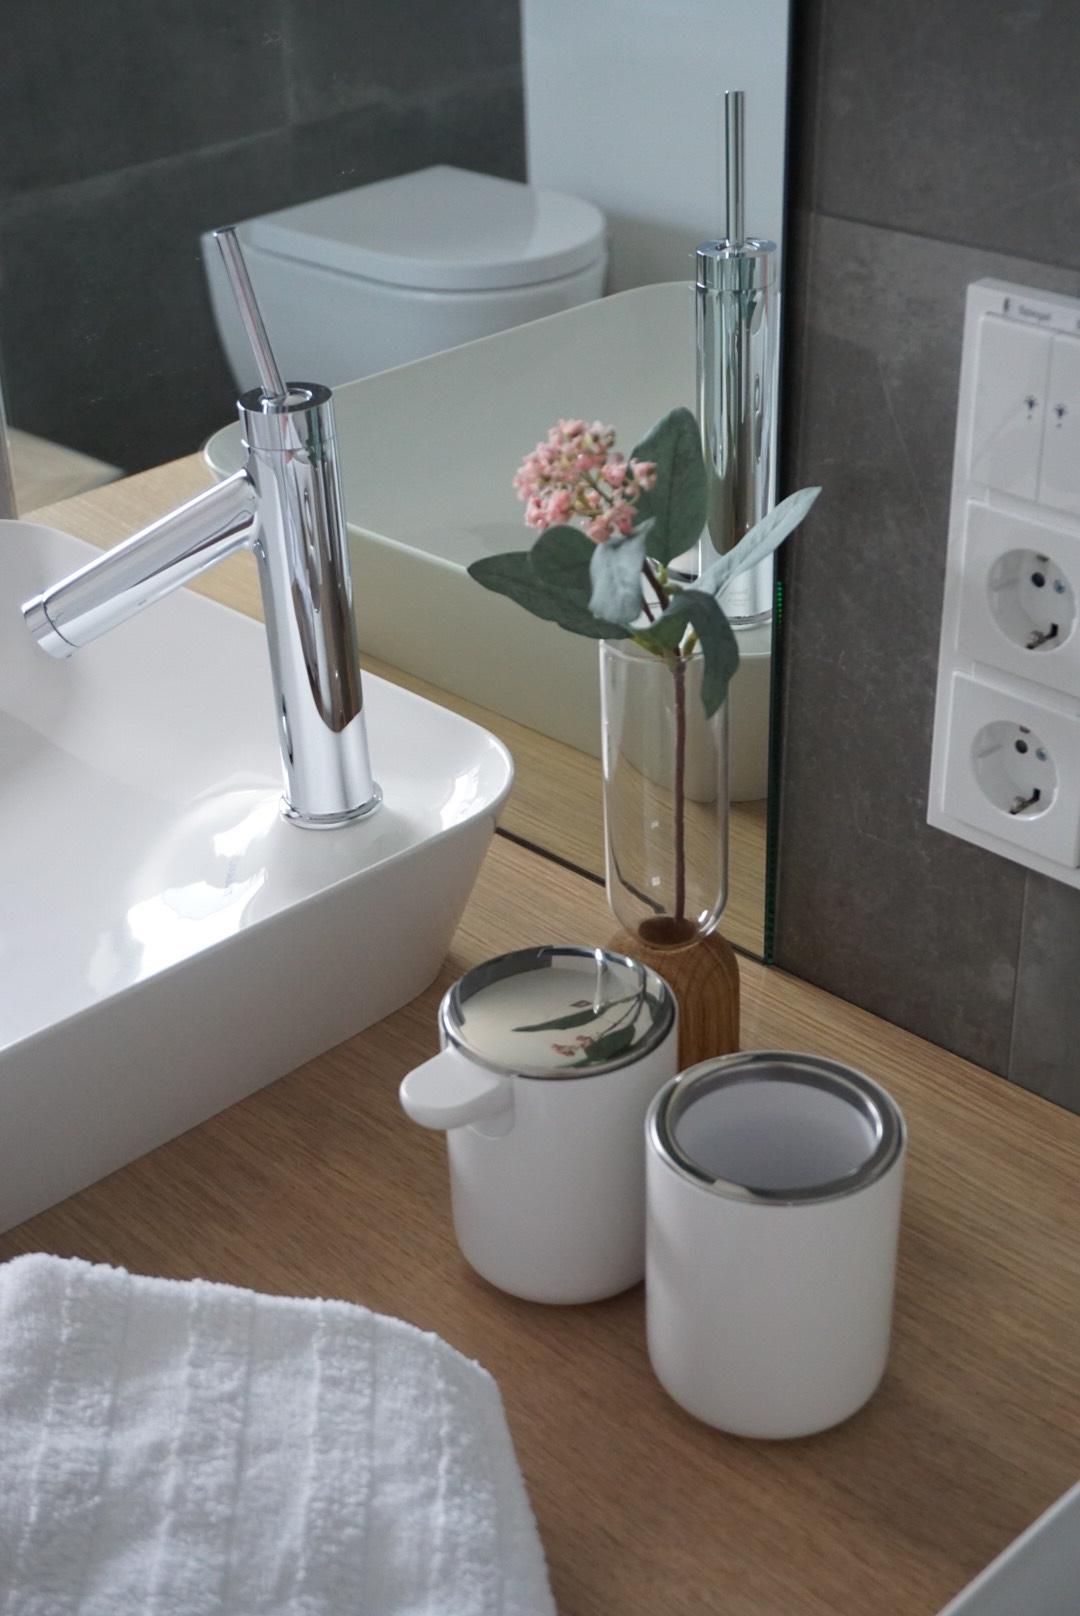 Moderne Badezimmer Dekoration Heike Heikes Homestory Auf Instagram Hat Sich Fur Bad Accessoires Von Menu Entschie Badezimmer Deko Badezimmer Badezimmerideen